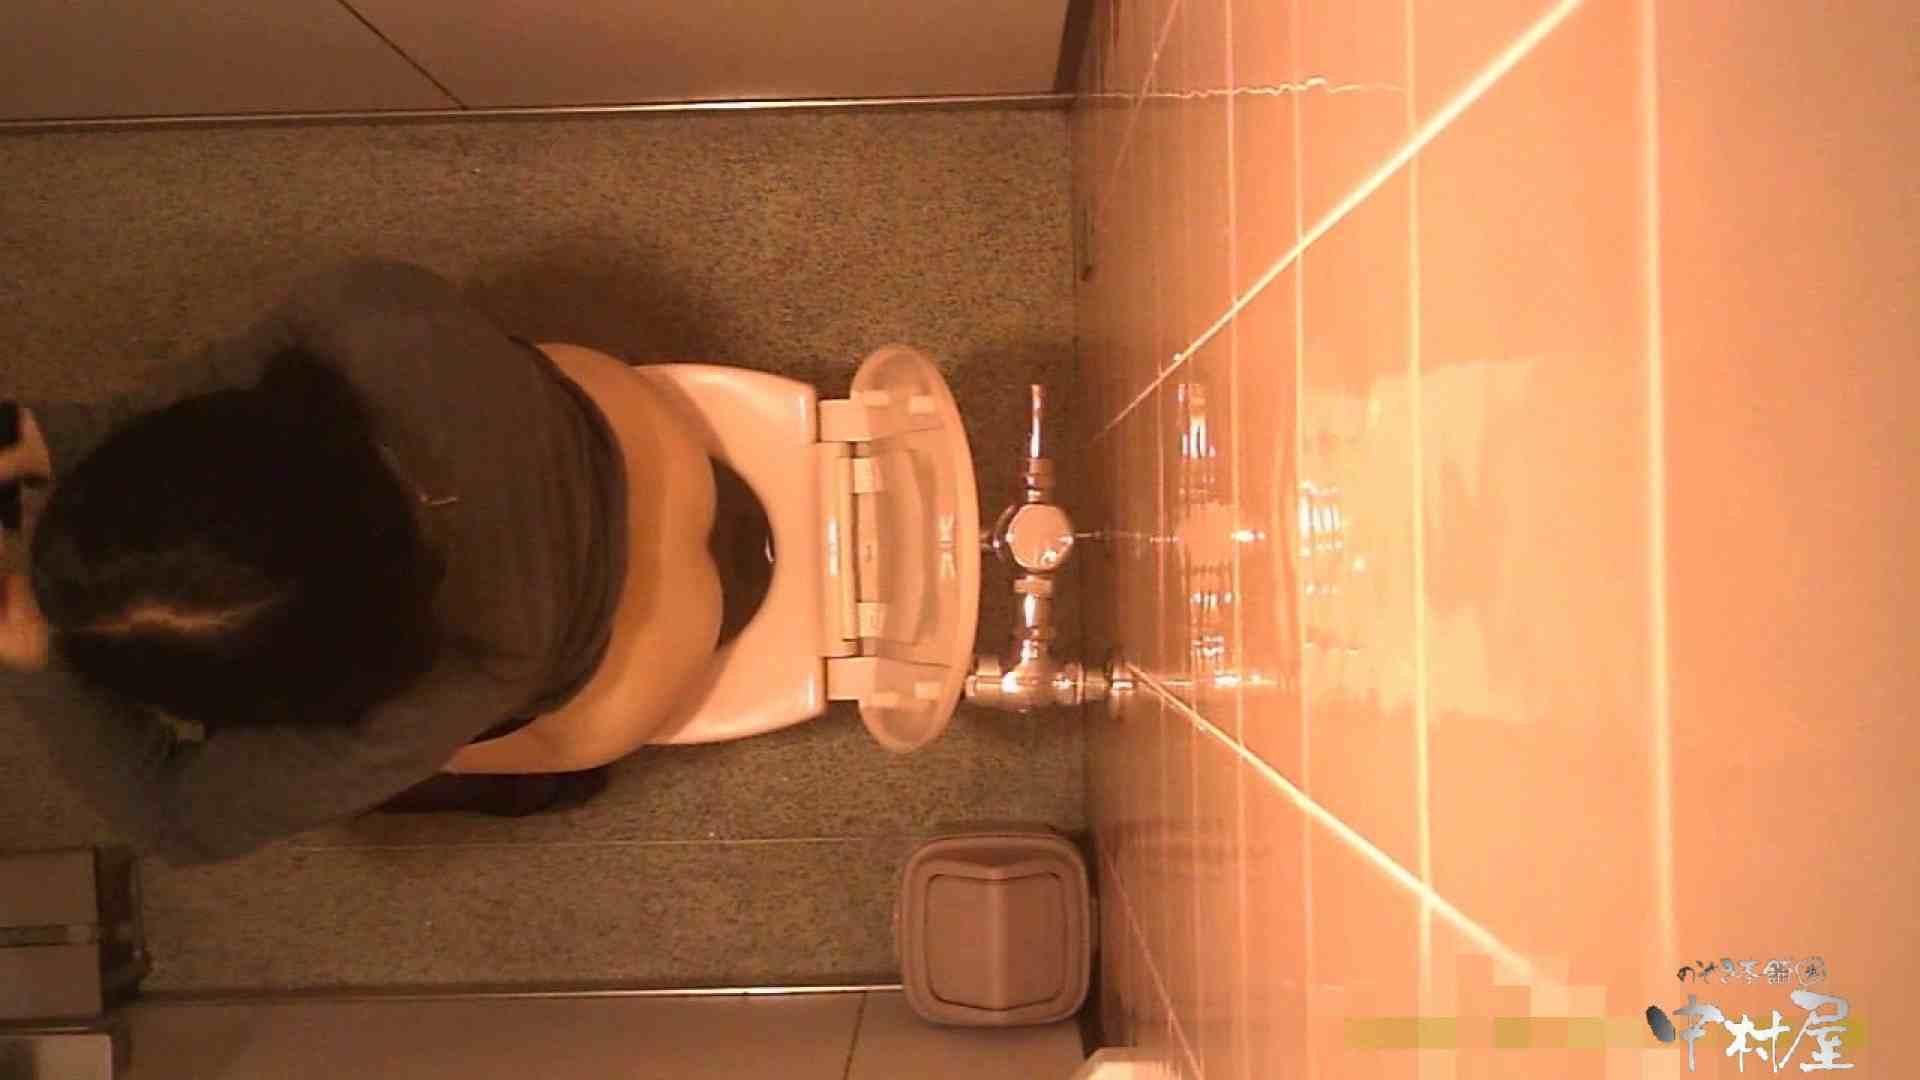 初盗撮!女盗撮師カレンさんの 潜入!女子トイレ盗撮!Vol.5 女子トイレの中では 盗み撮り動画 10枚 9